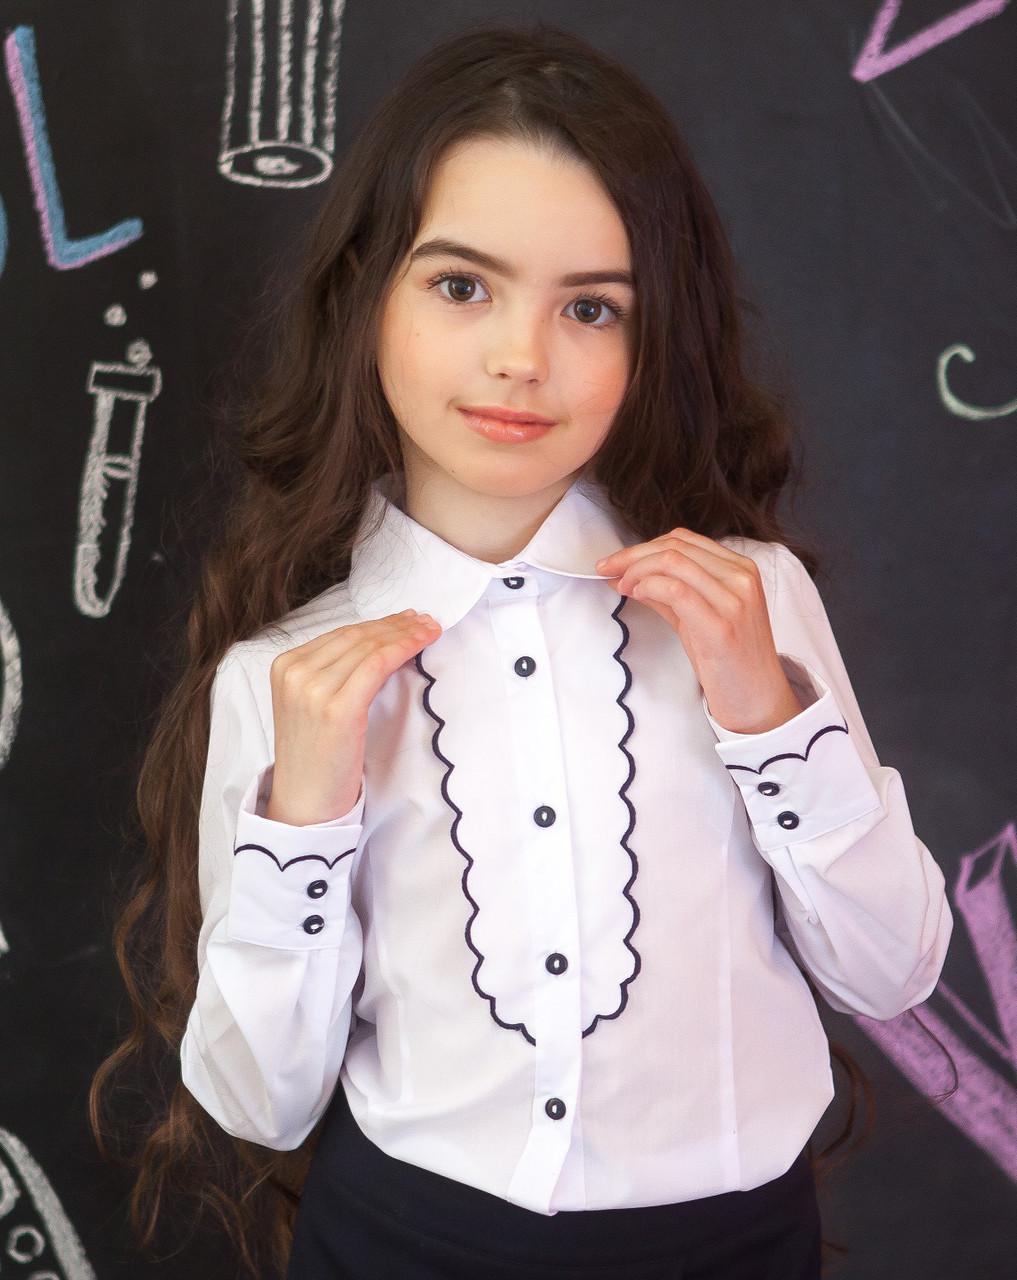 Шкільна блузка Світ блуз мод. 5010д р. 116